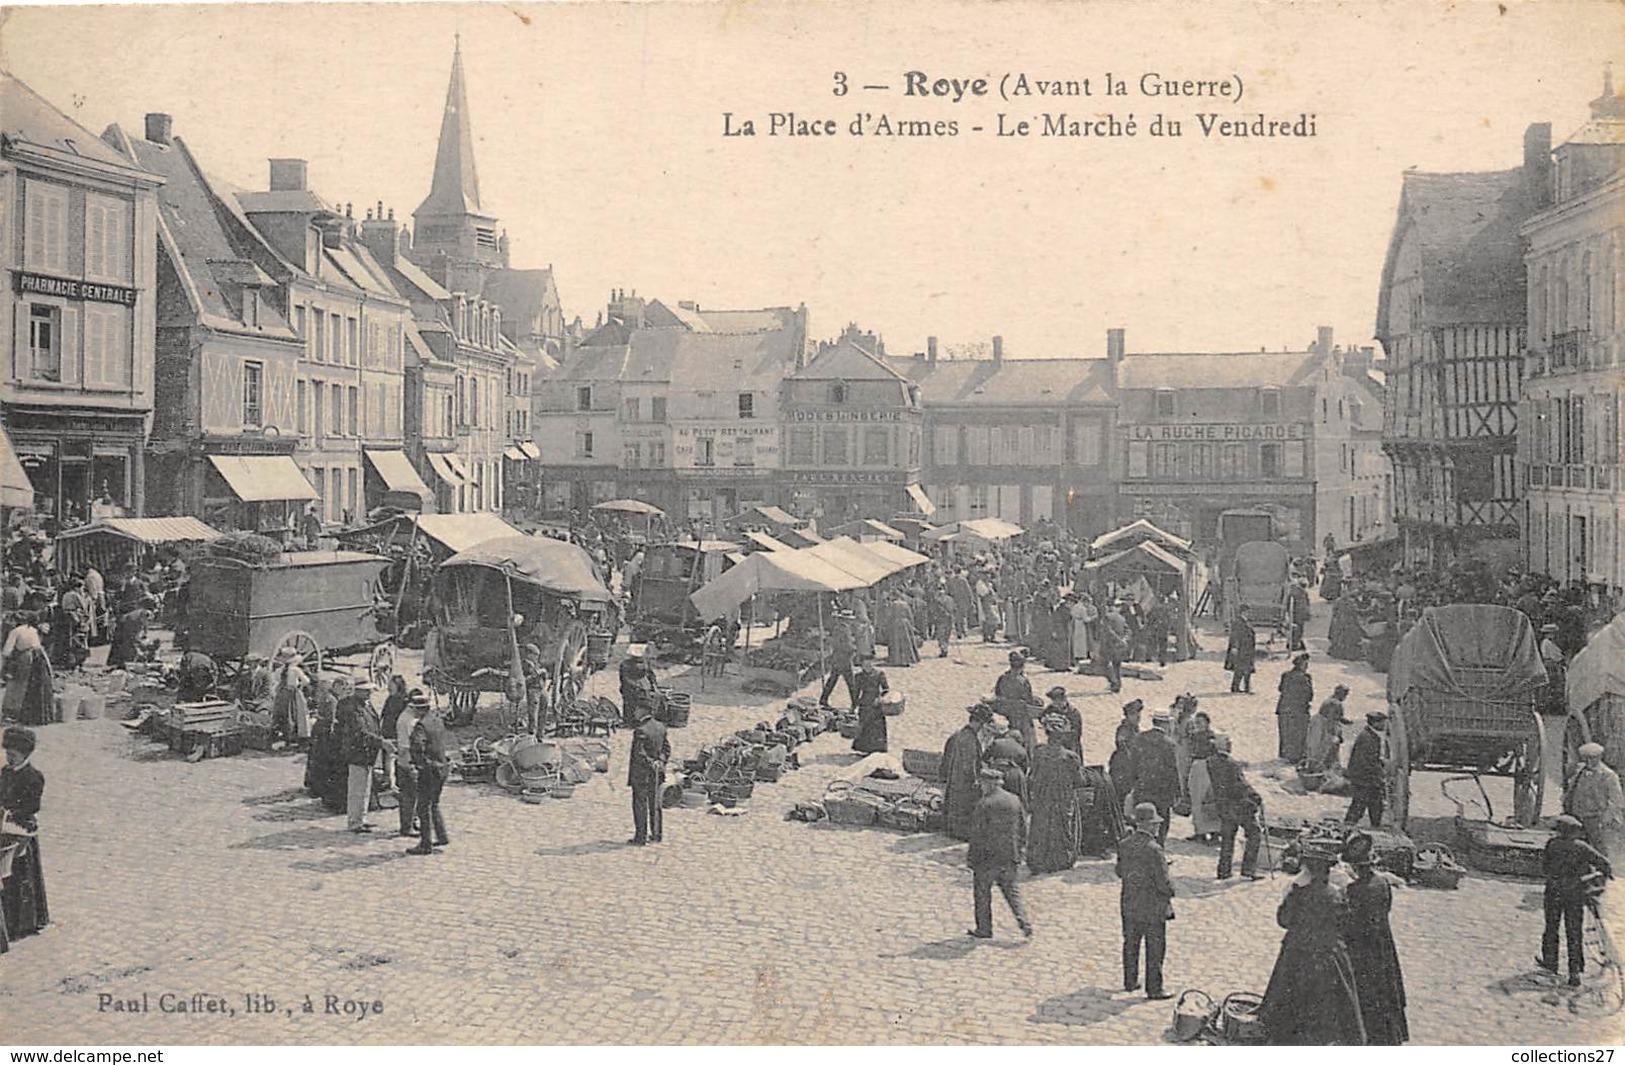 80-ROYE- AVANT LA GUERRE- LA PLACE D'ARMES, LE MARCHE DU VENDREDI - Roye